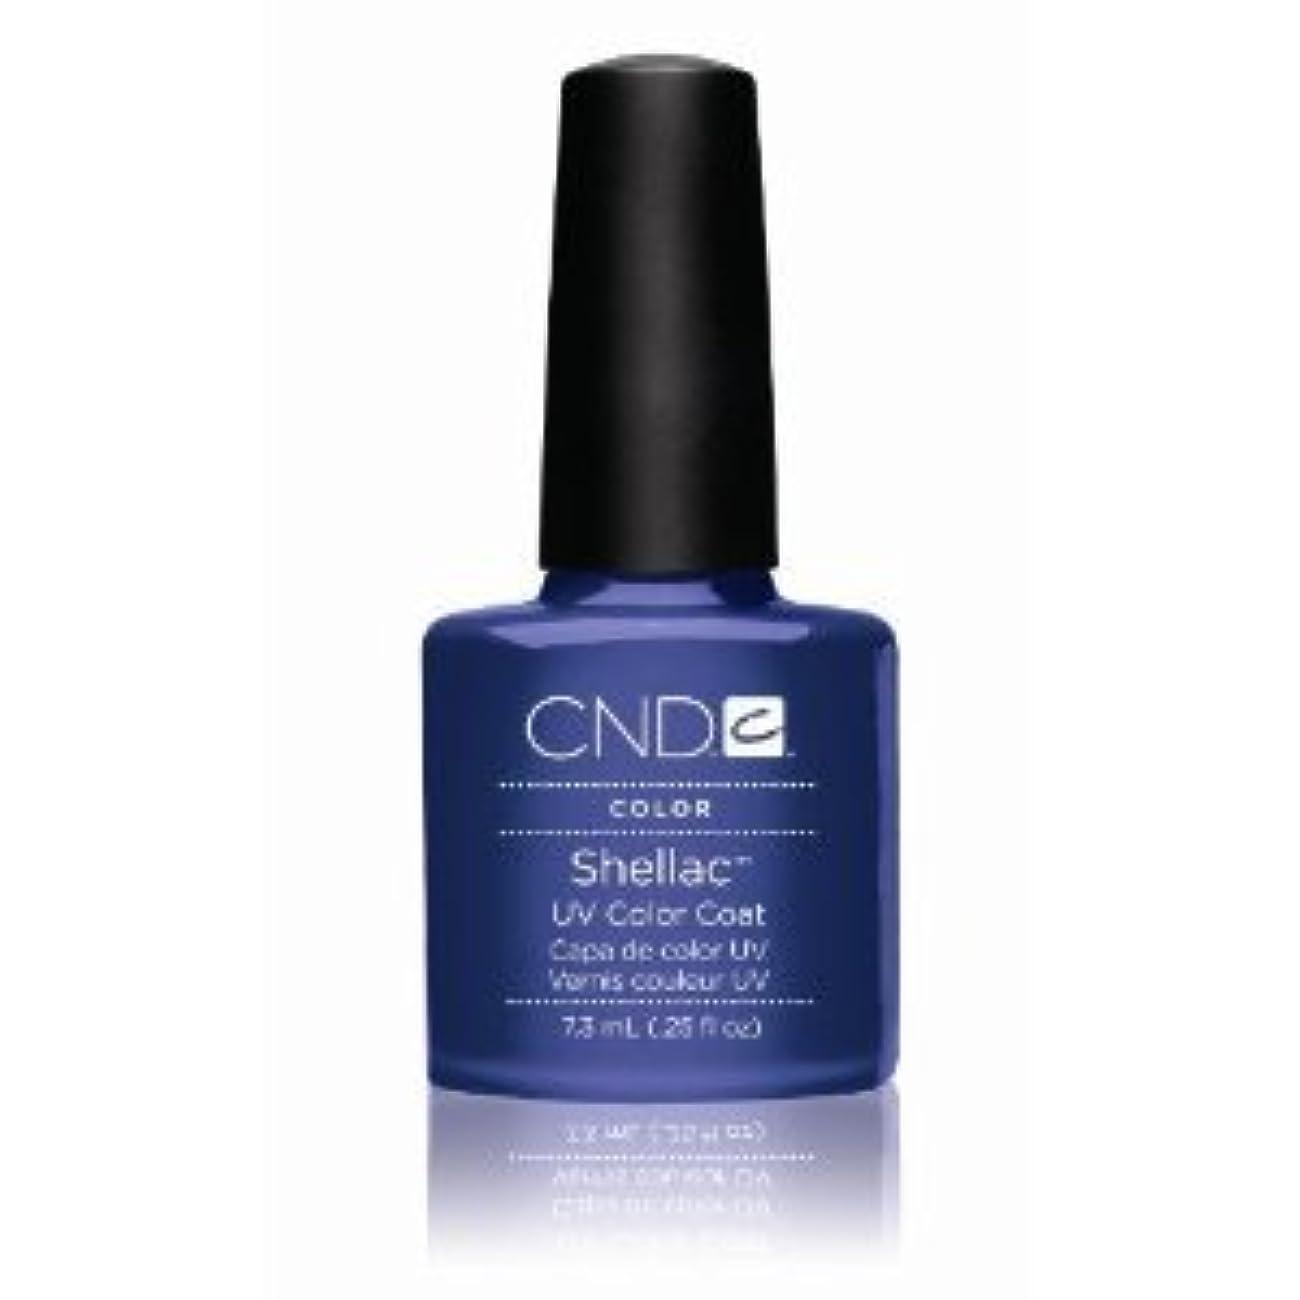 影響消化スカリーCND(シーエヌディー) シェラック UVカラーコート7.3mL 530 Purple Purple(パール) [並行輸入][海外直送品]